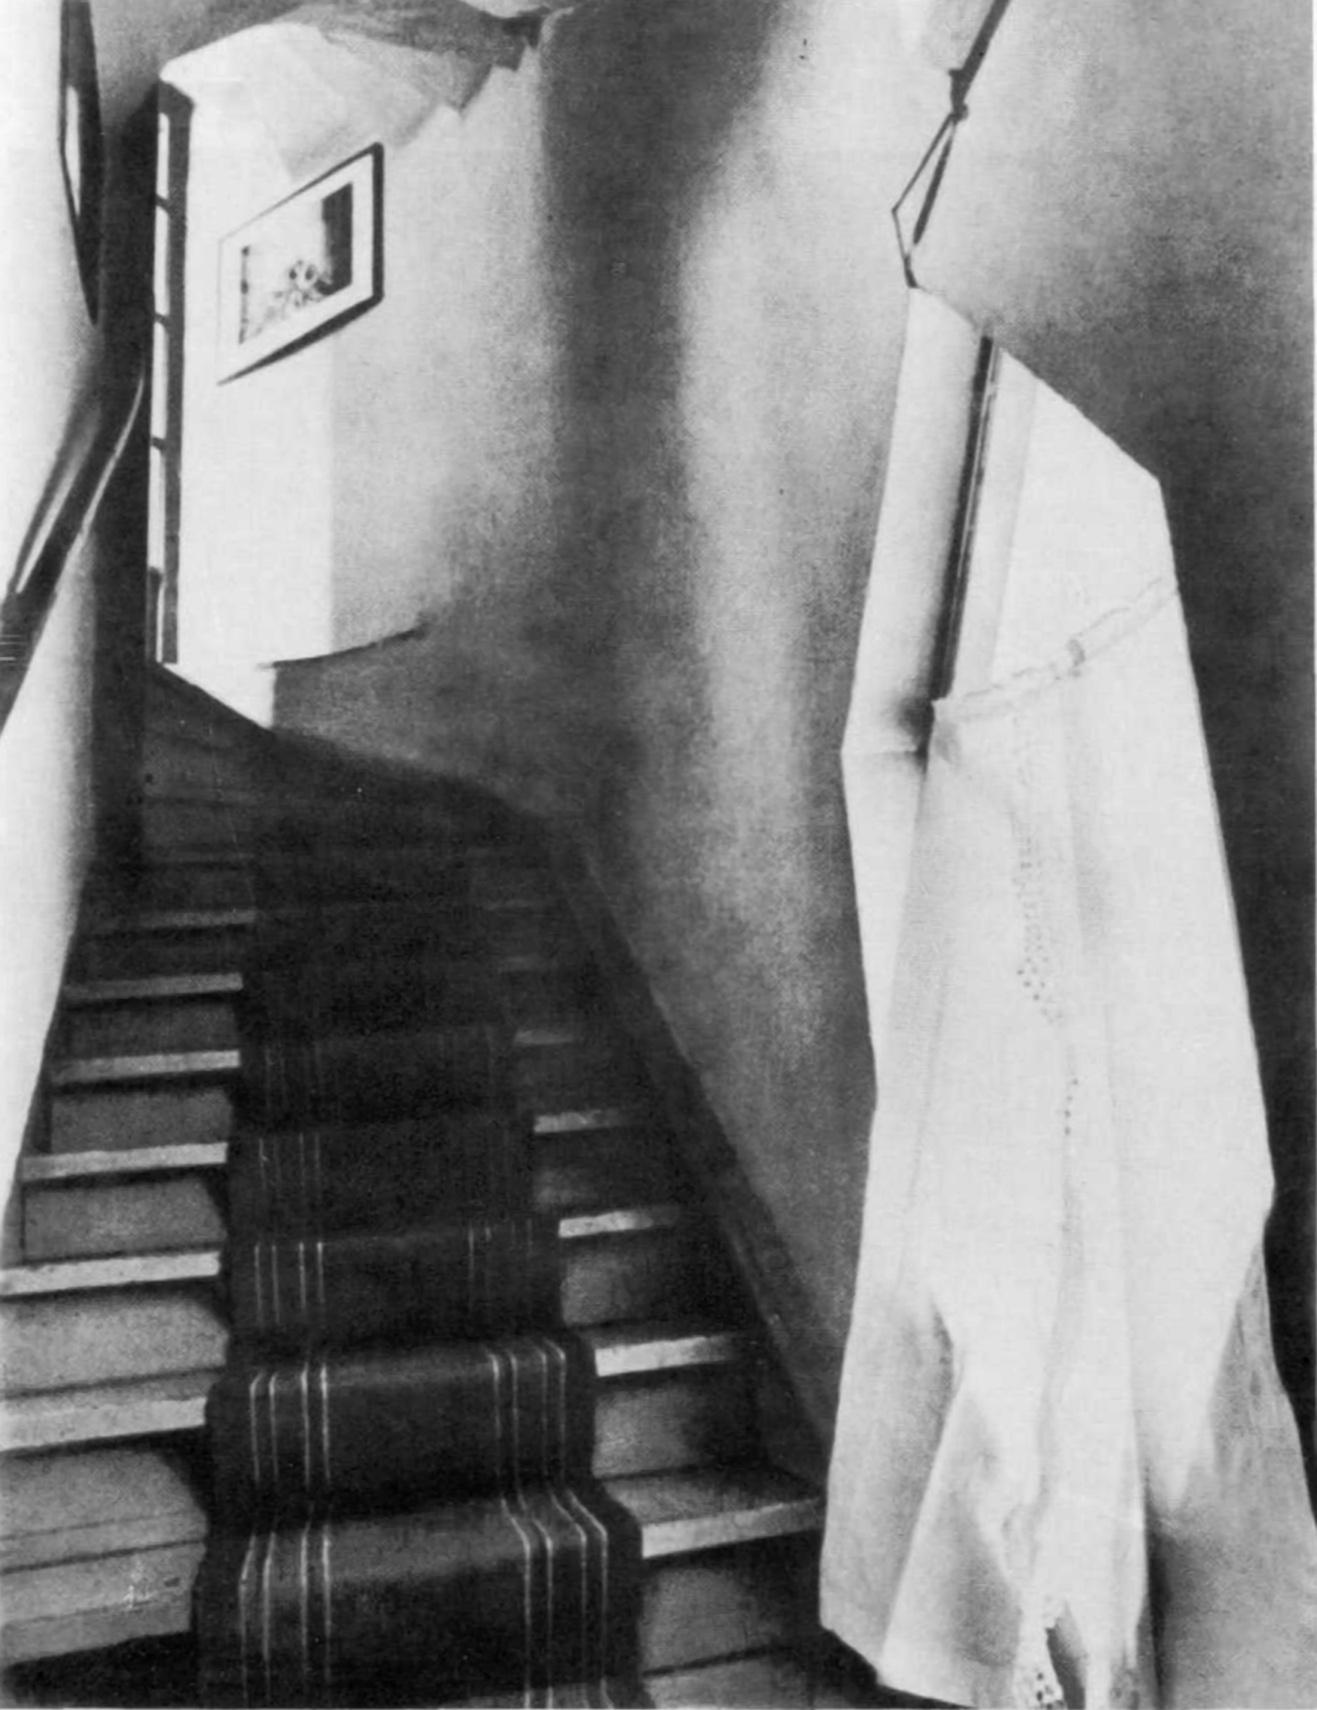 Staircase inside the Mel'nikov house (1929)